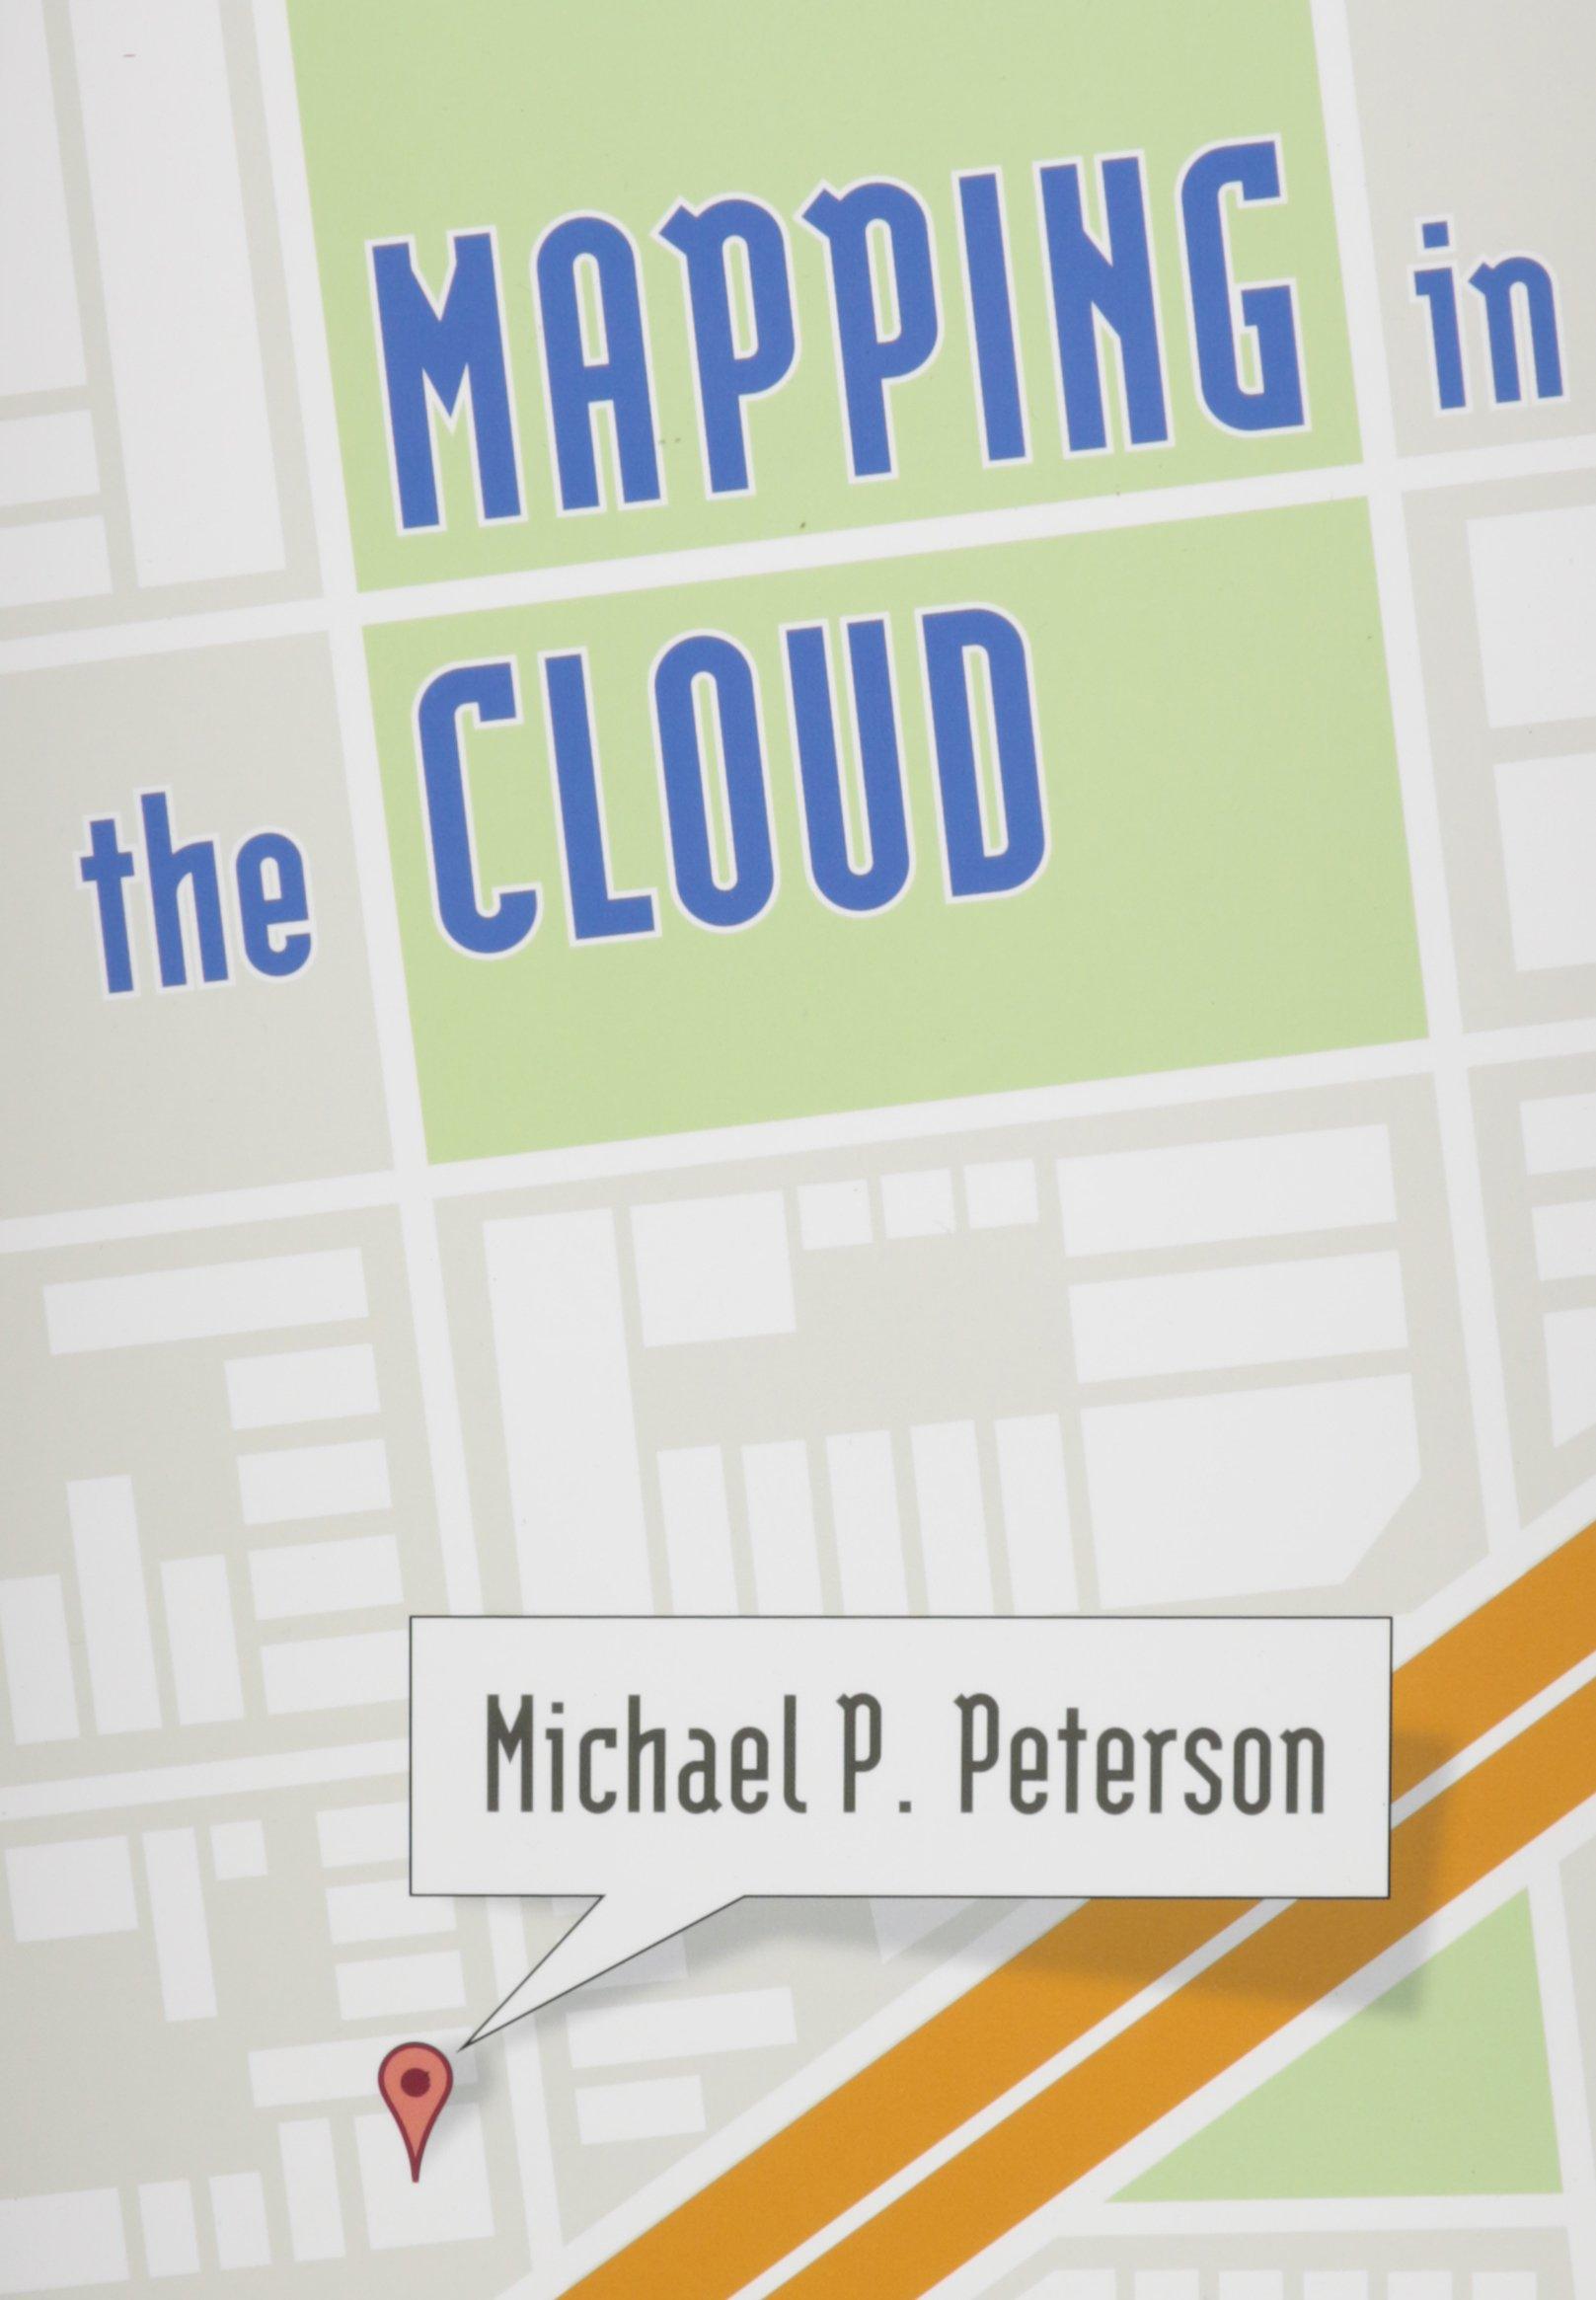 Mapping in the Cloud: Amazon.es: Peterson, Michael P: Libros en idiomas extranjeros